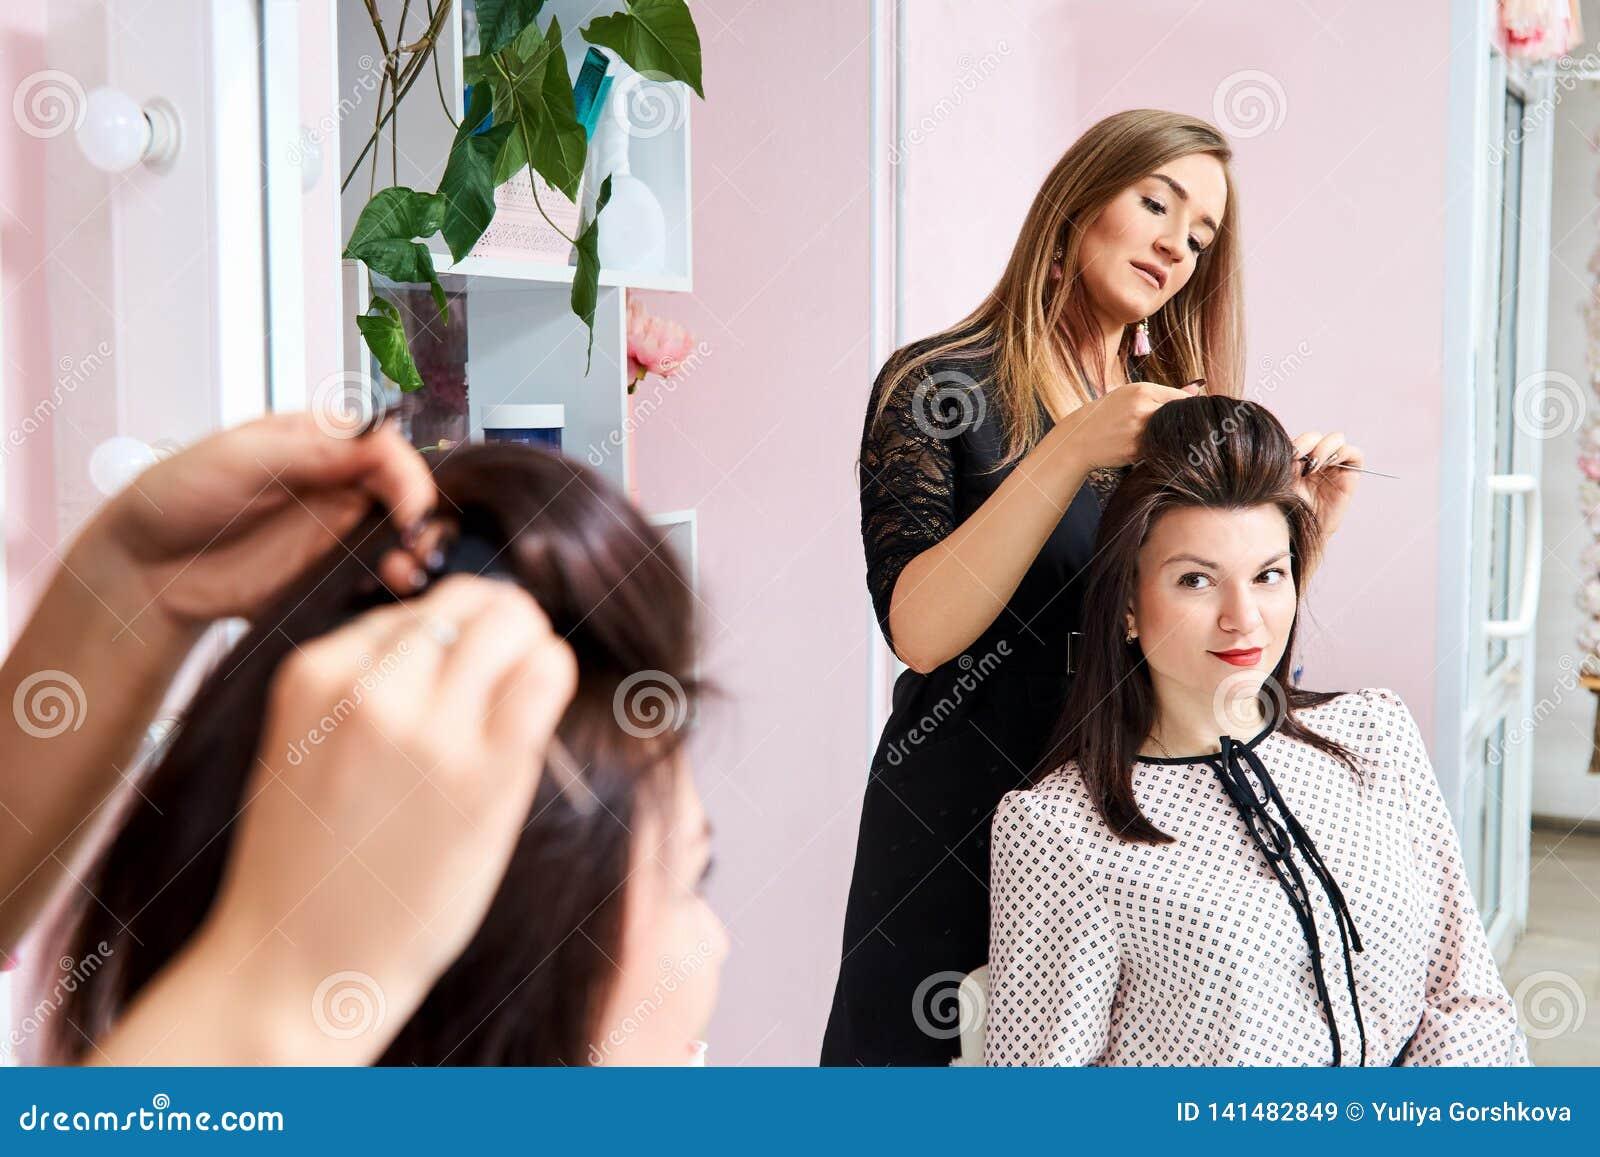 Friseur bei der Arbeit - der Friseur tut das Haar eines schönen jungen Brunette den Kunden im Schönheitssalon an